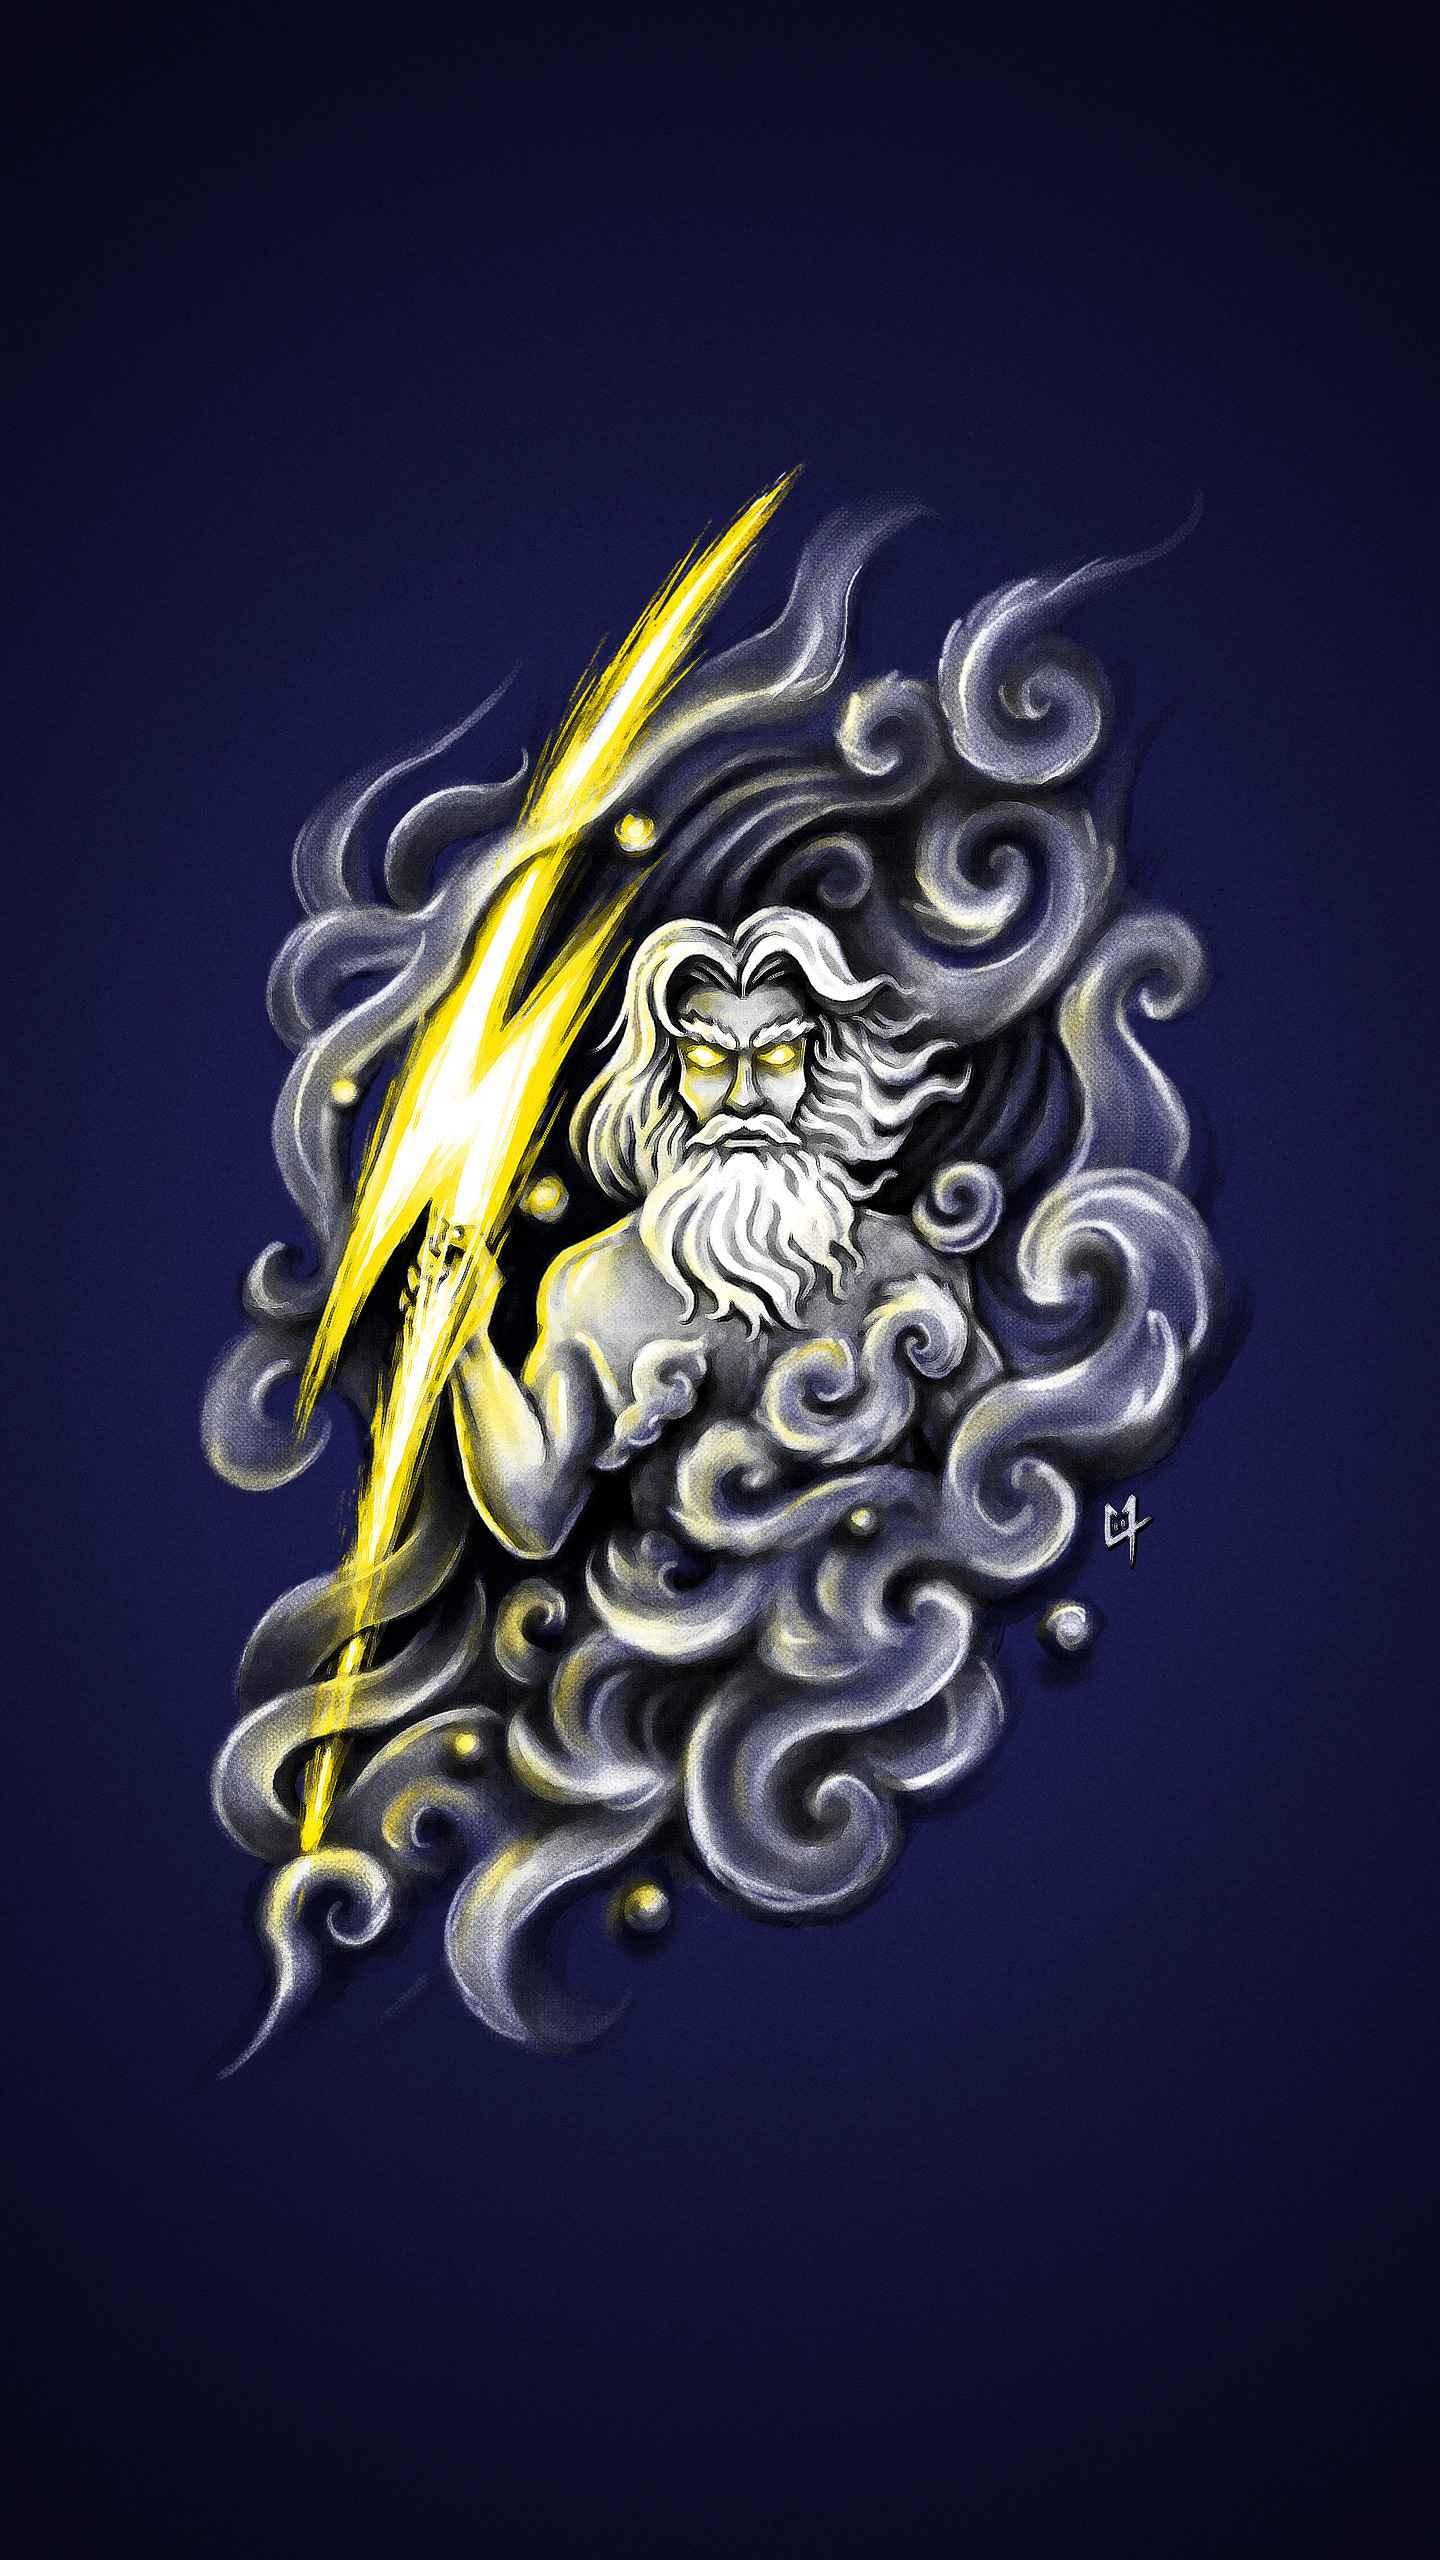 Zeus Art iPhone Wallpaper